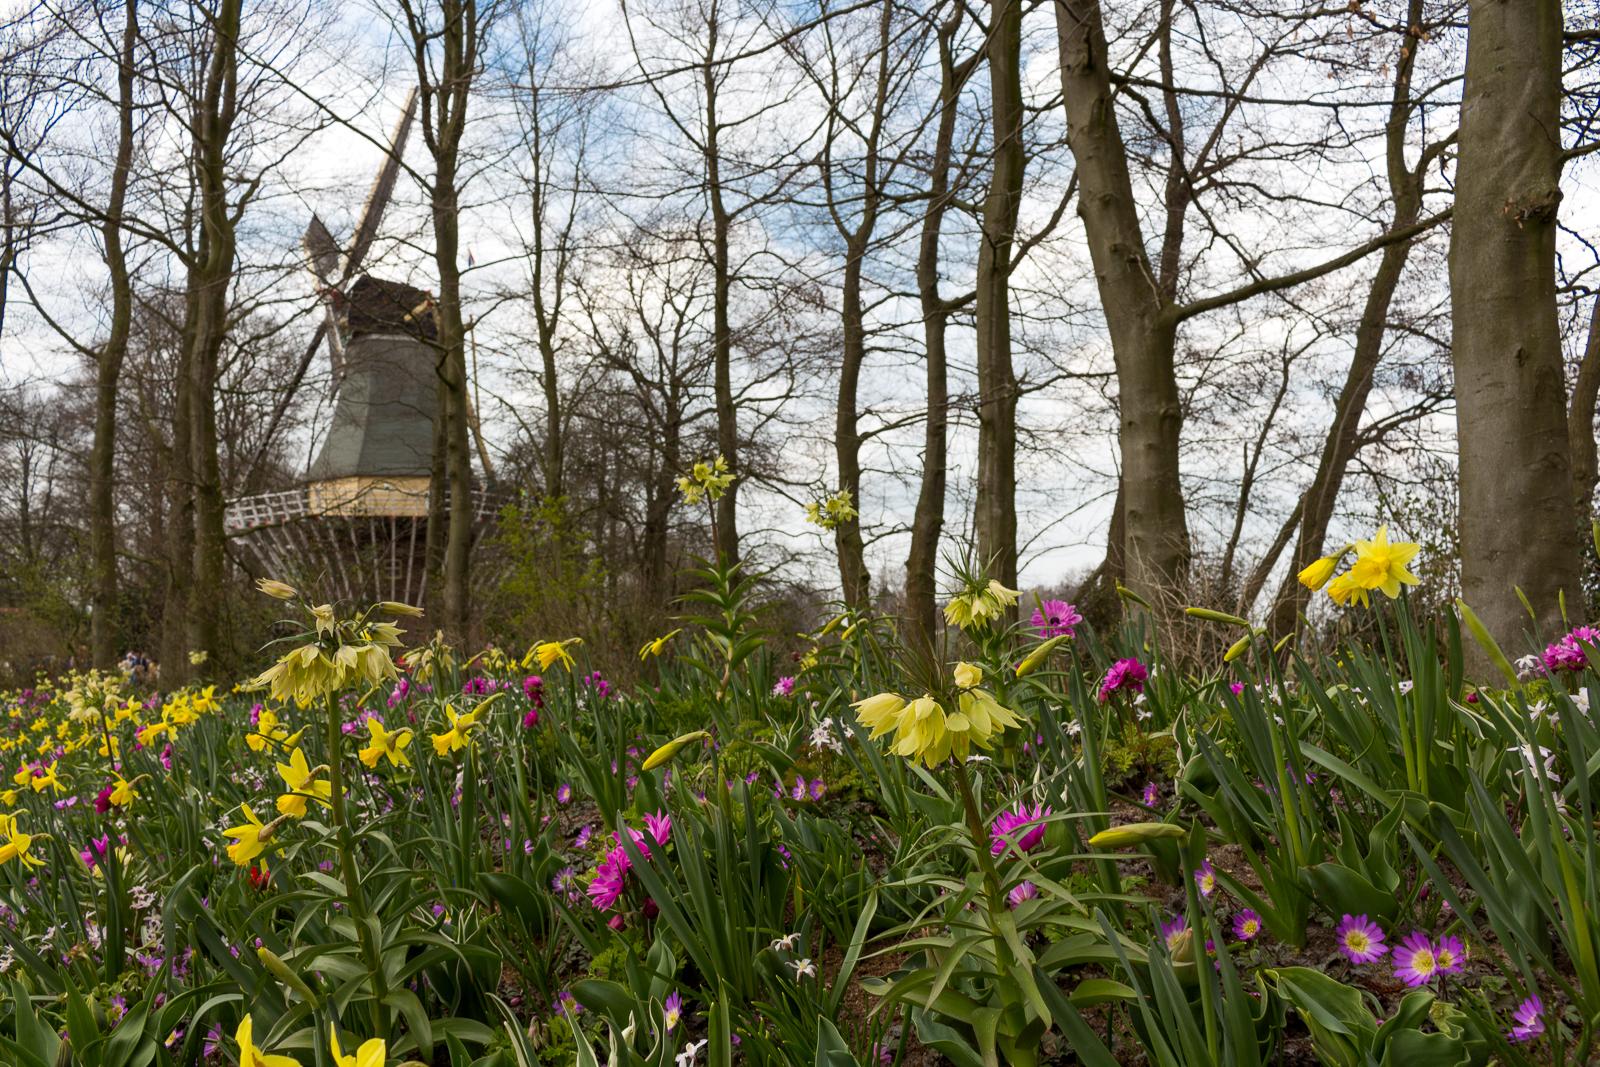 niederlande_noordwijk_keukenhof_reiseblog-2801